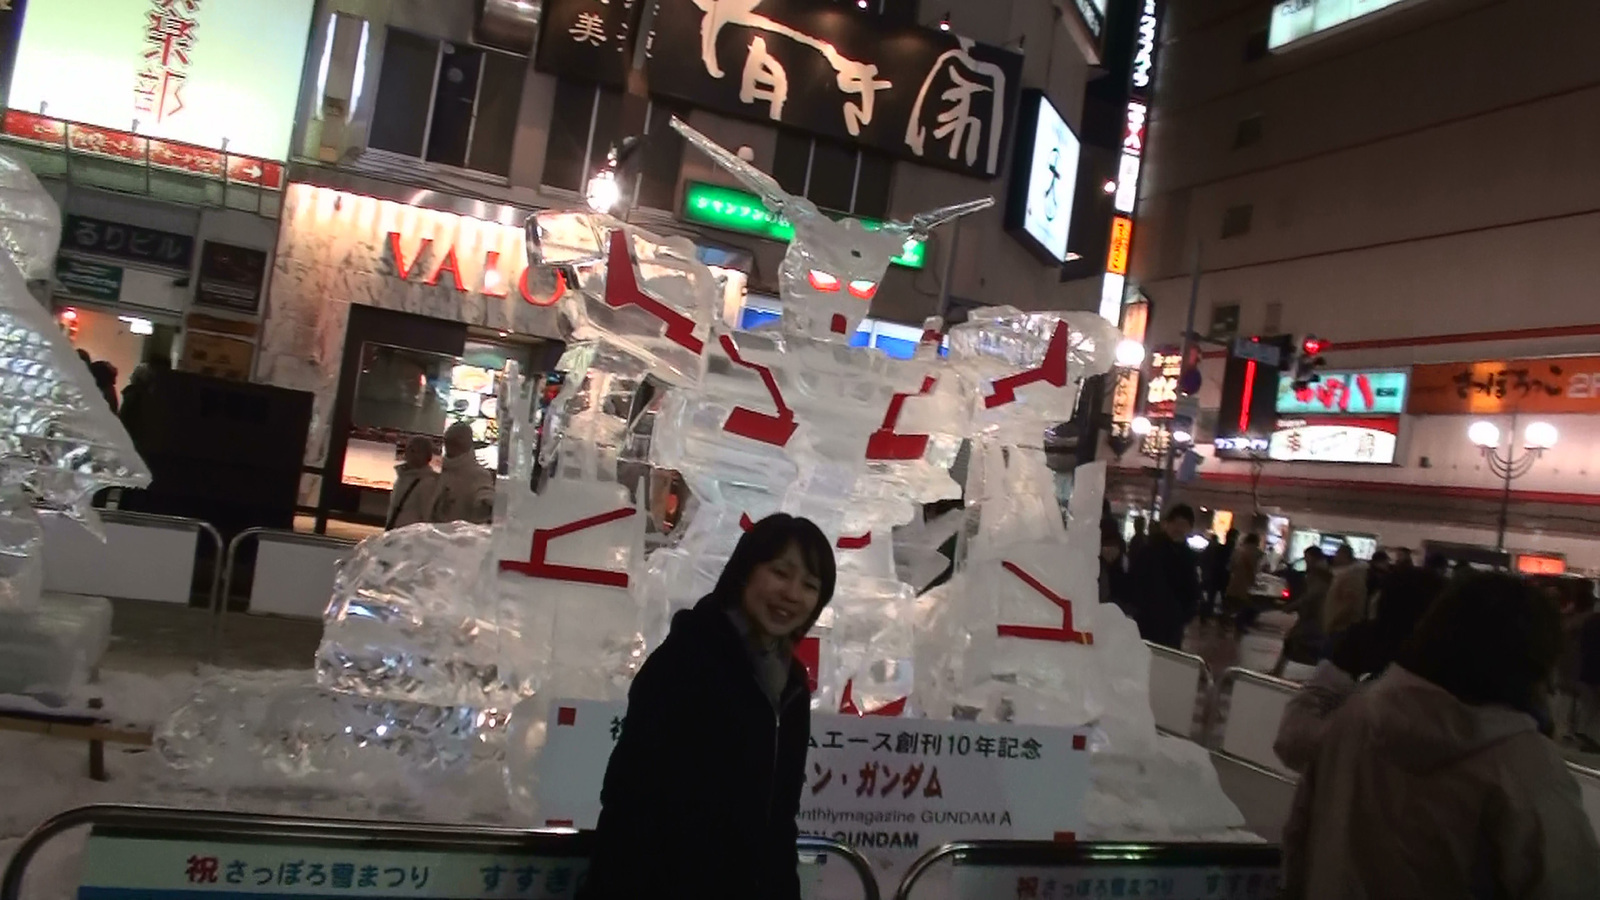 Snowfes2011_07